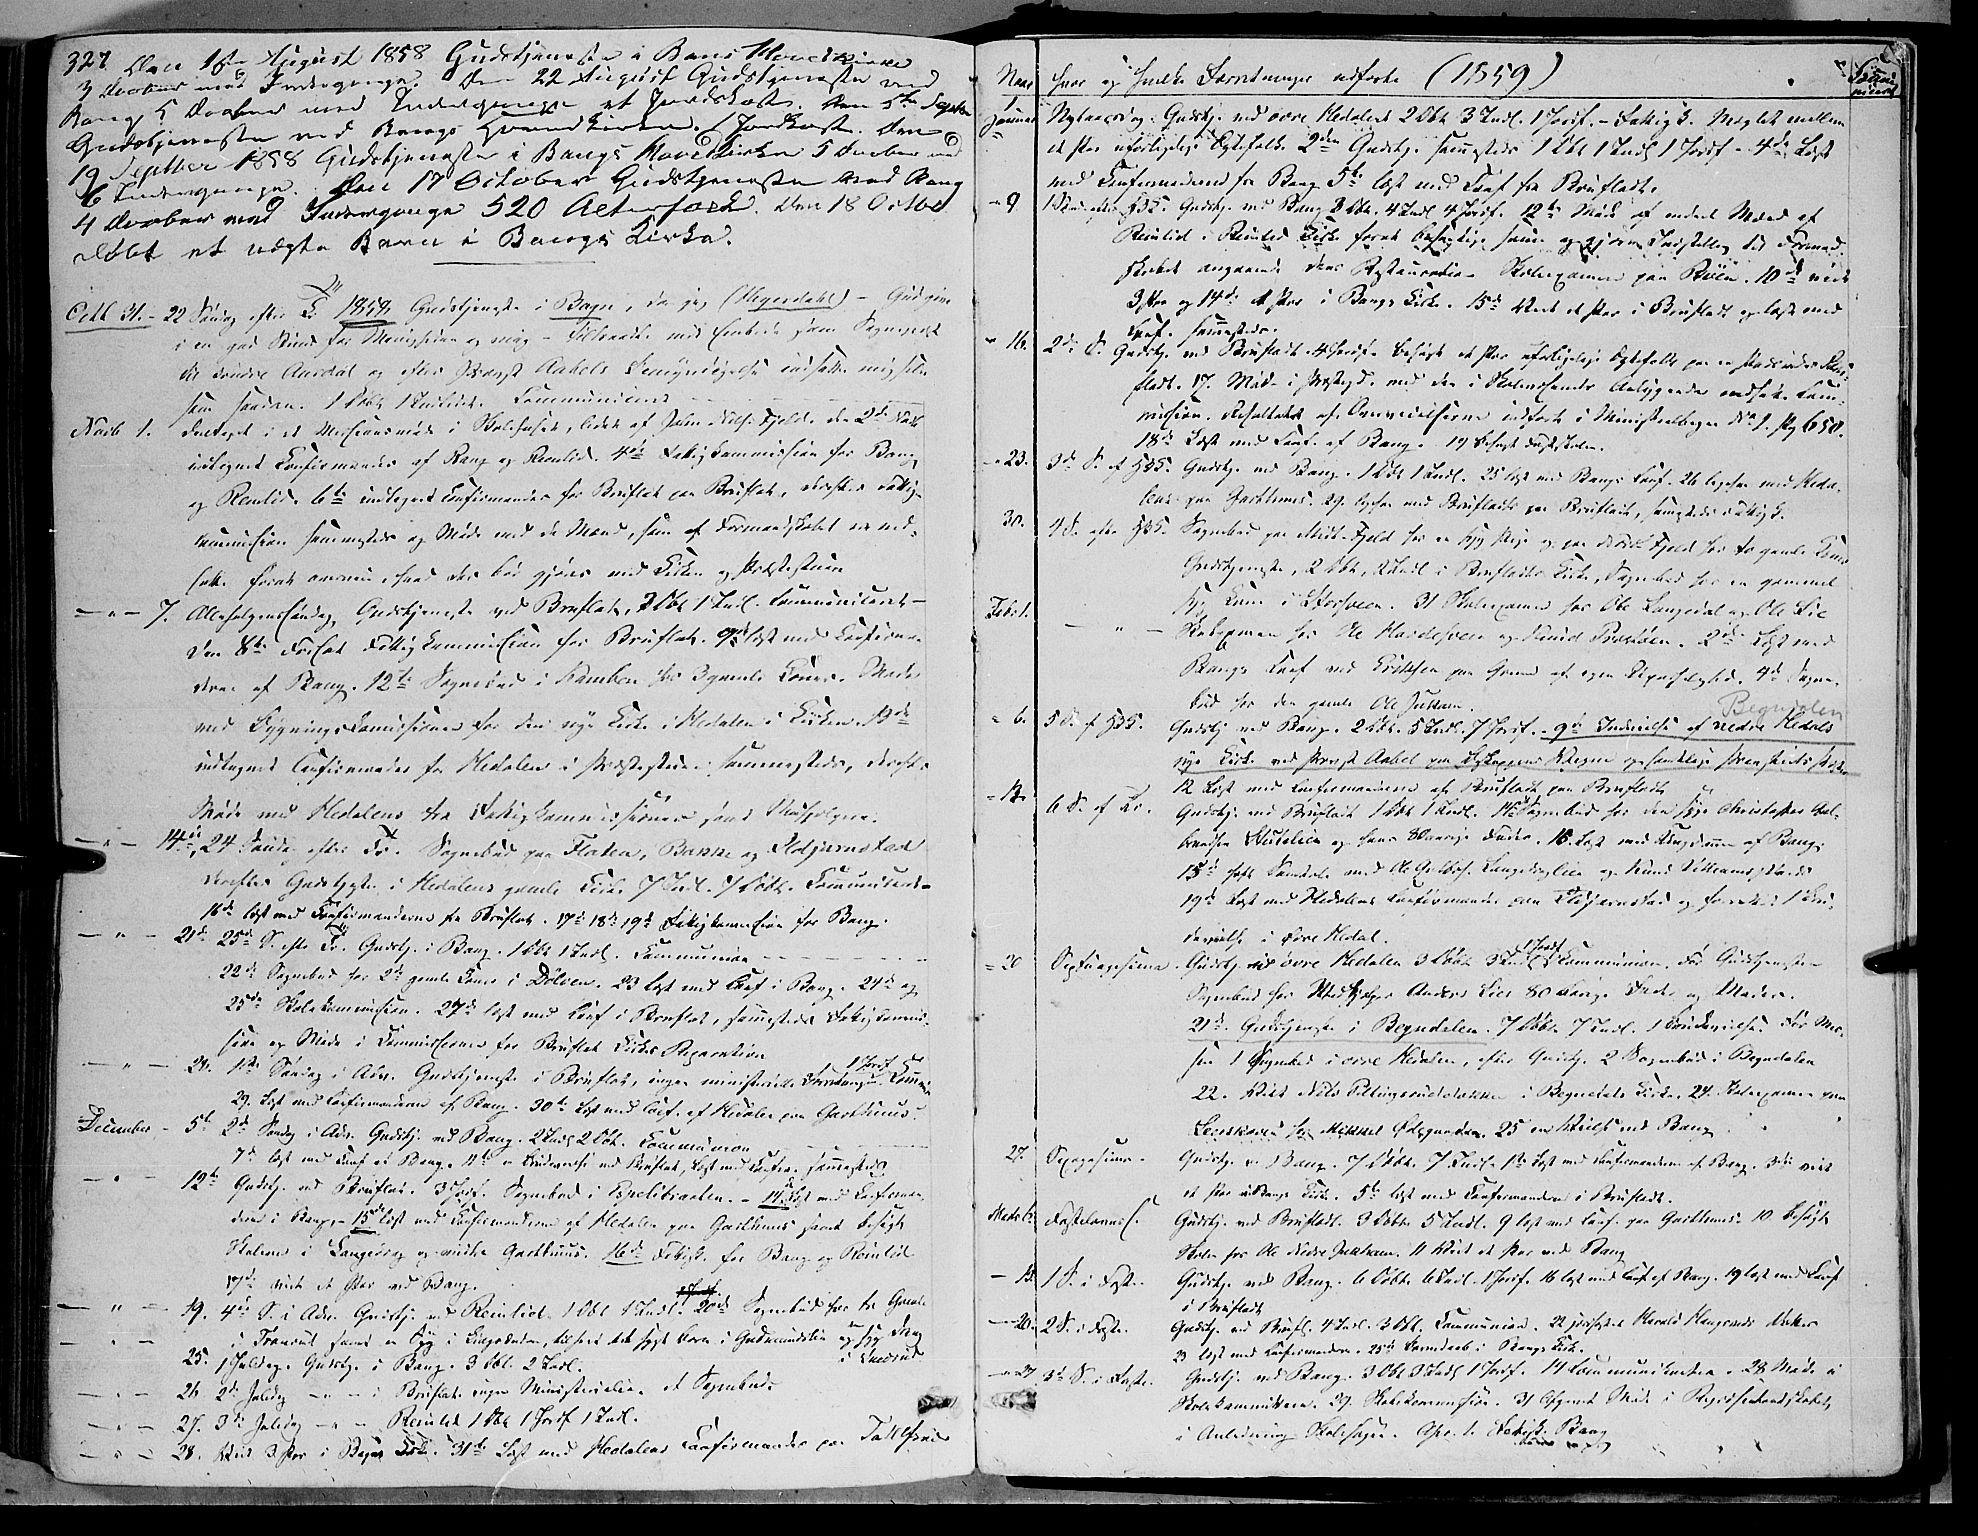 SAH, Sør-Aurdal prestekontor, Ministerialbok nr. 5, 1849-1876, s. 327